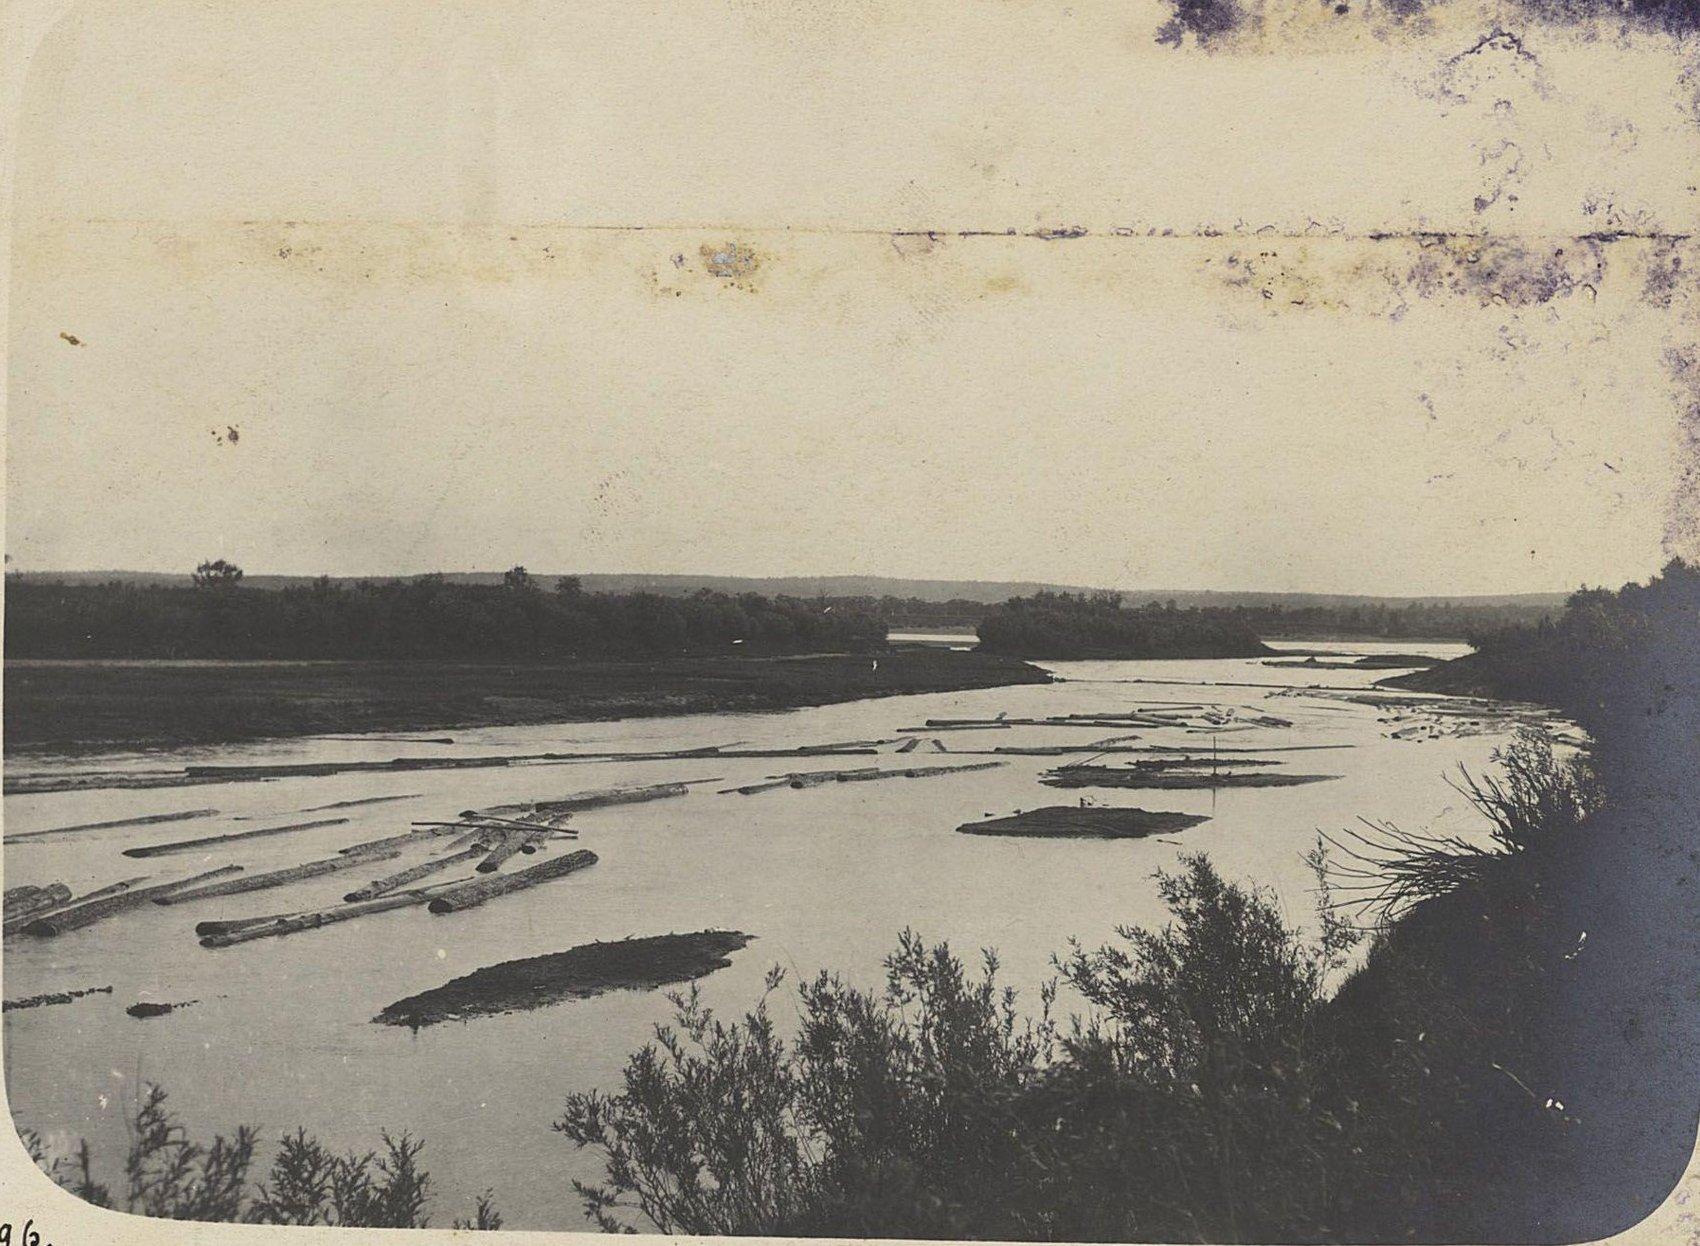 1596. У Известковой пади, в версте от устья реки